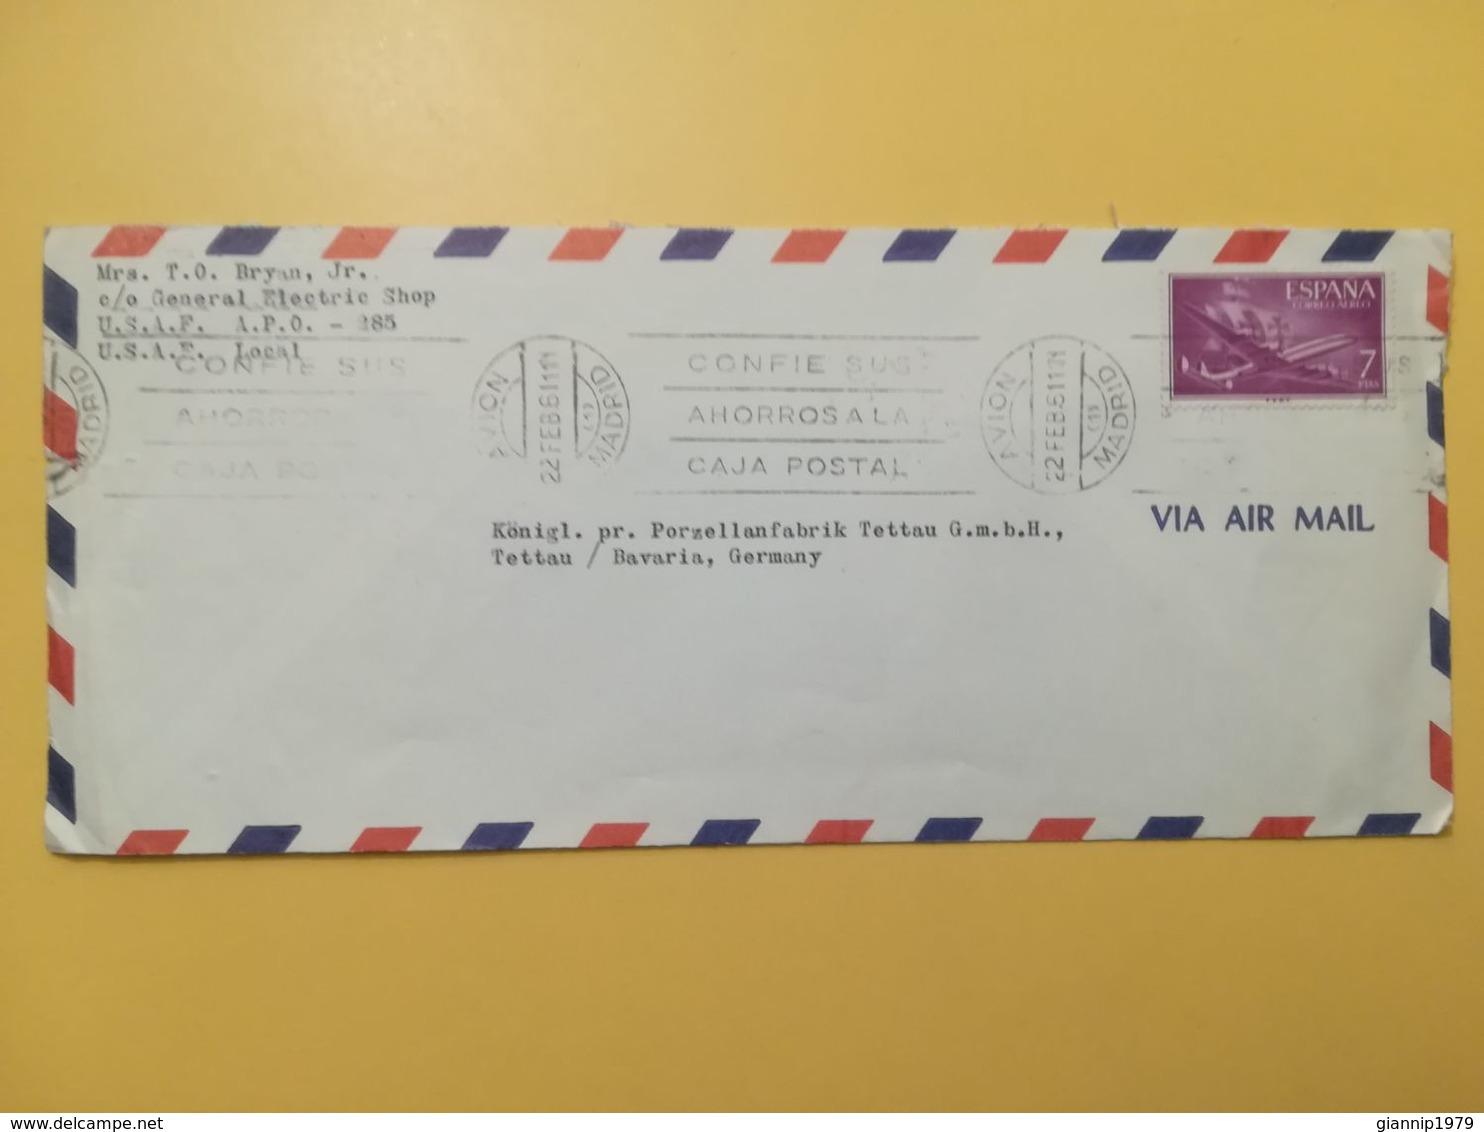 1961 BUSTA INTESTATA SPAGNA ESPANA BOLLO POSTA AEREA CORREO AEREO ANNULLO OBLITERE' MADRID - 1961-70 Briefe U. Dokumente